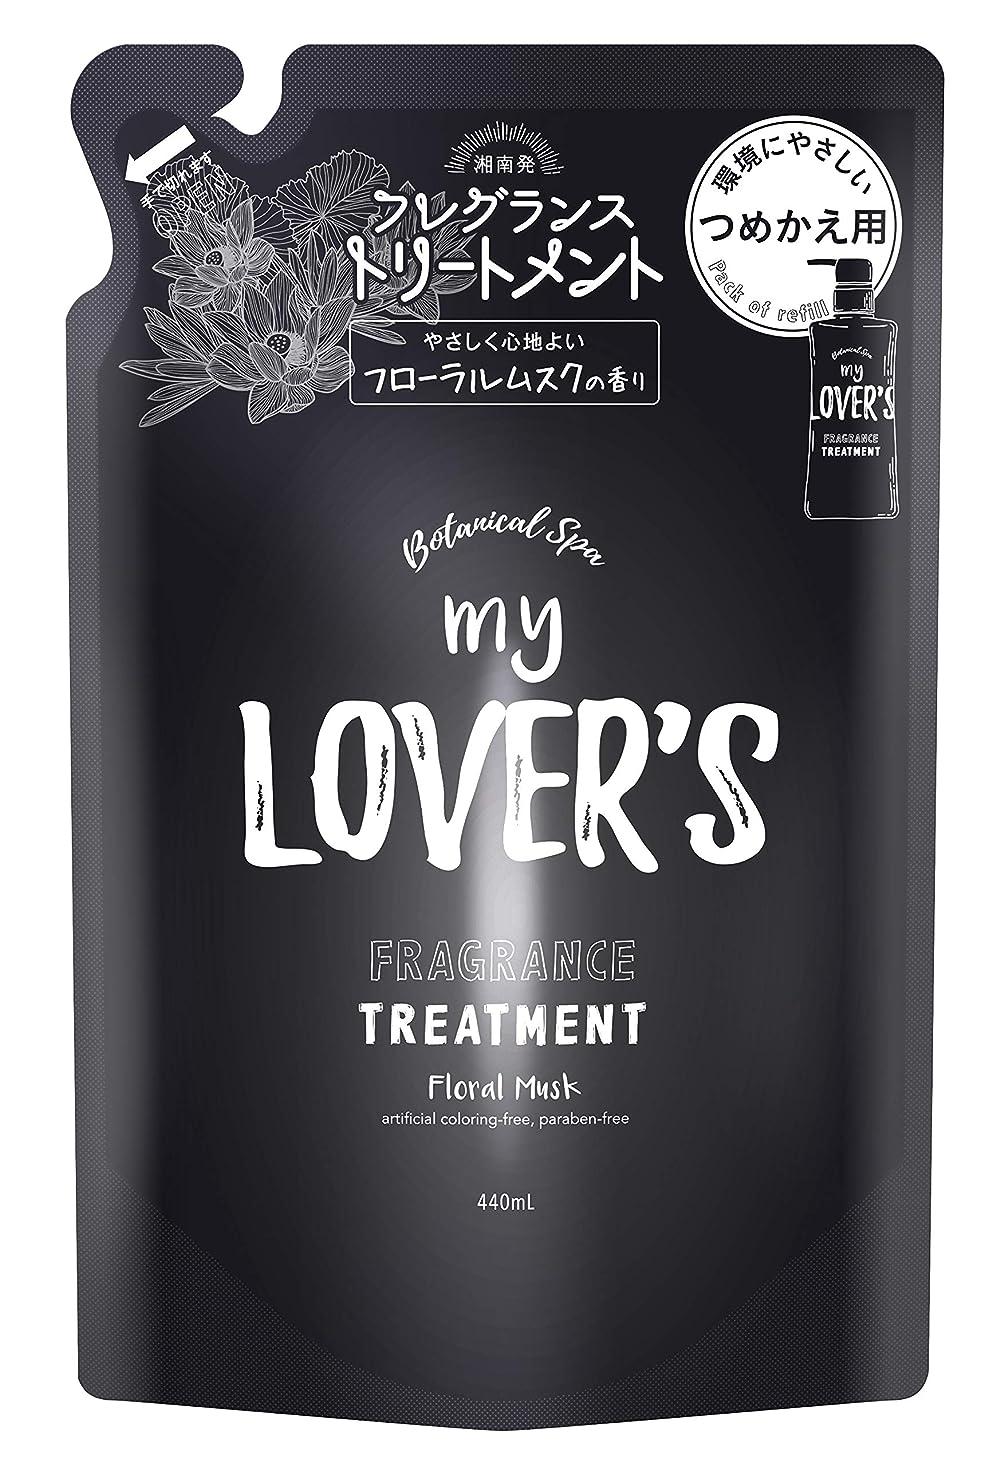 新聞ハント負湘南スタイル my LOVER'S フレグランストリートメント フローラルムスクの香り つめかえ用 440mL 4573412160205